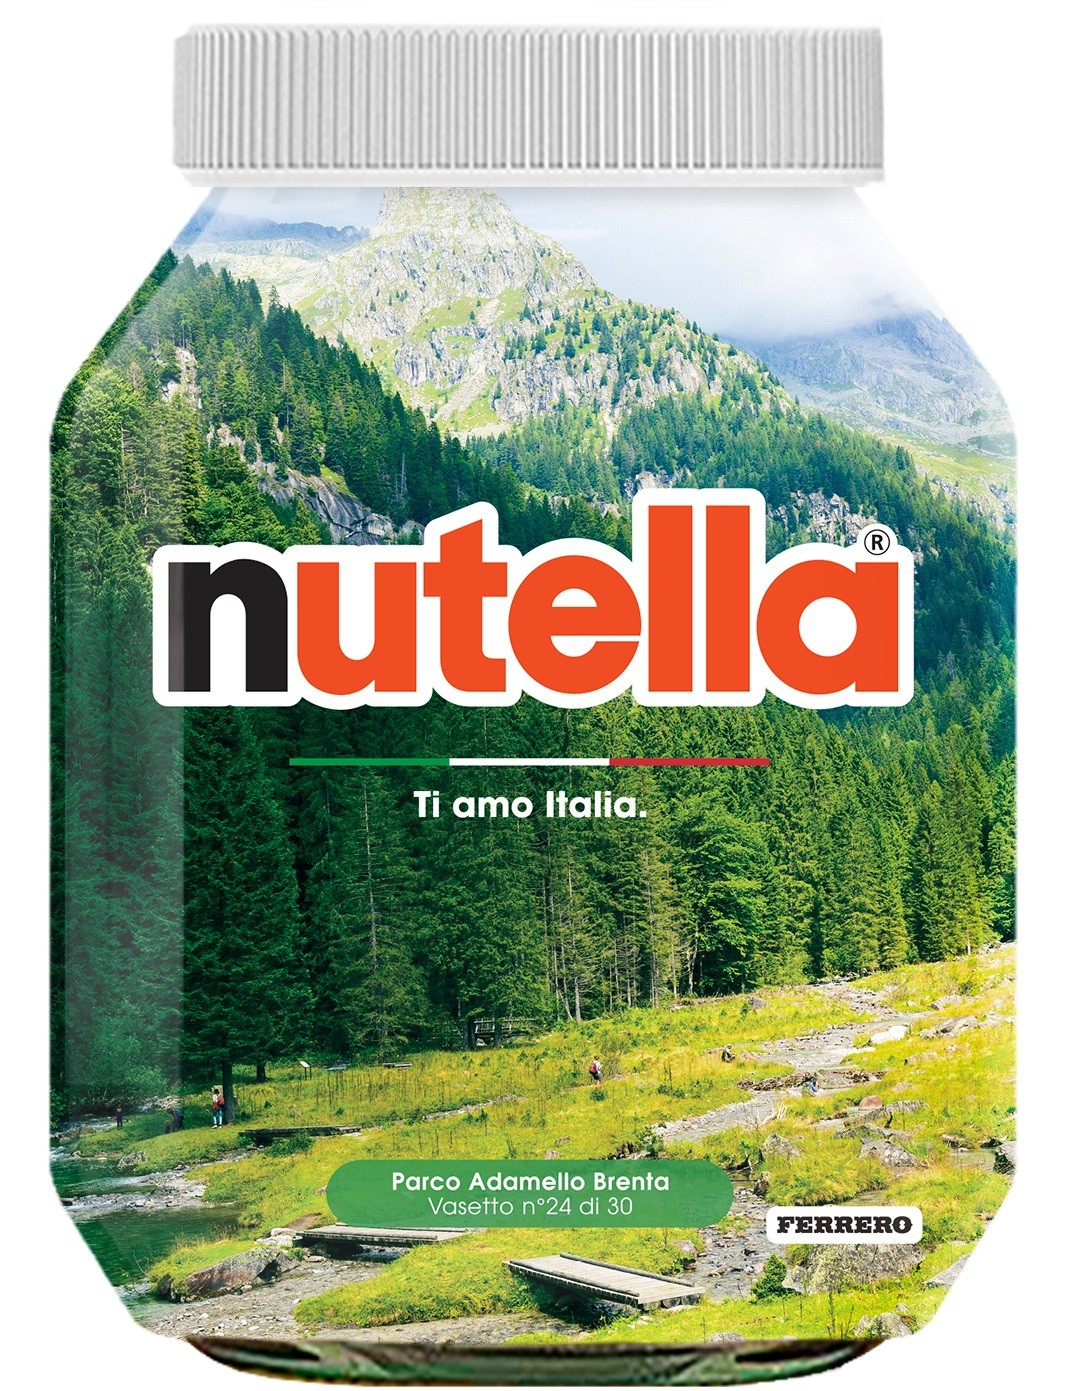 Nutella 24 Trentino Alto Adige Parco Adamello Brenta